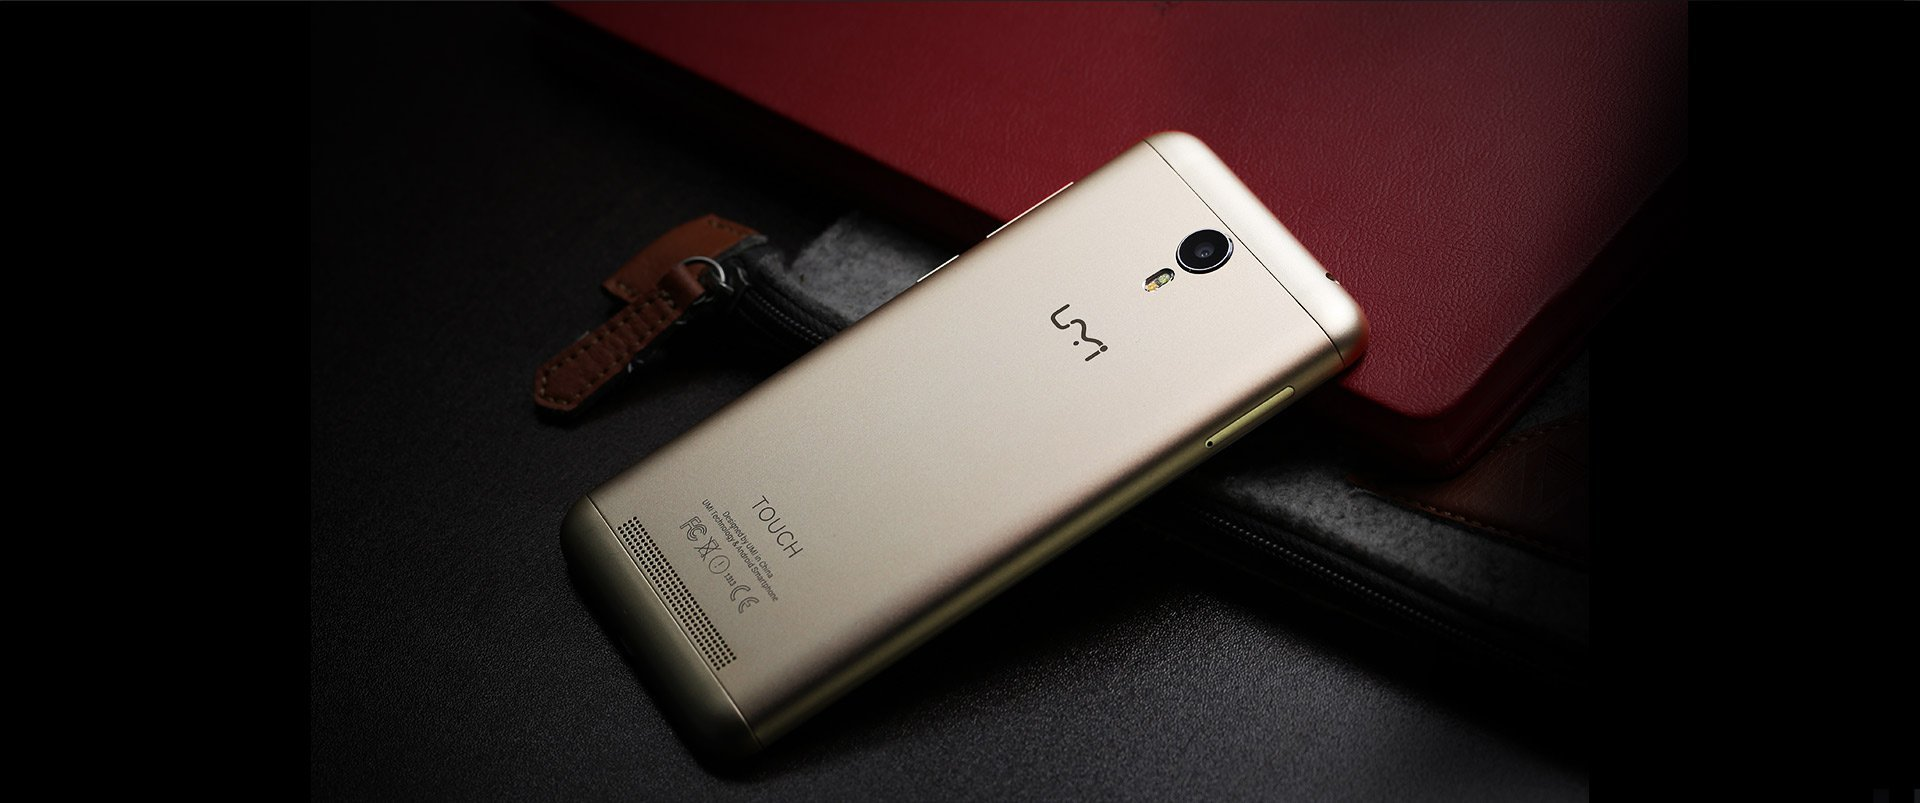 Découvrez le UMI Touch, un smartphone au très bon rapport qualité/prix